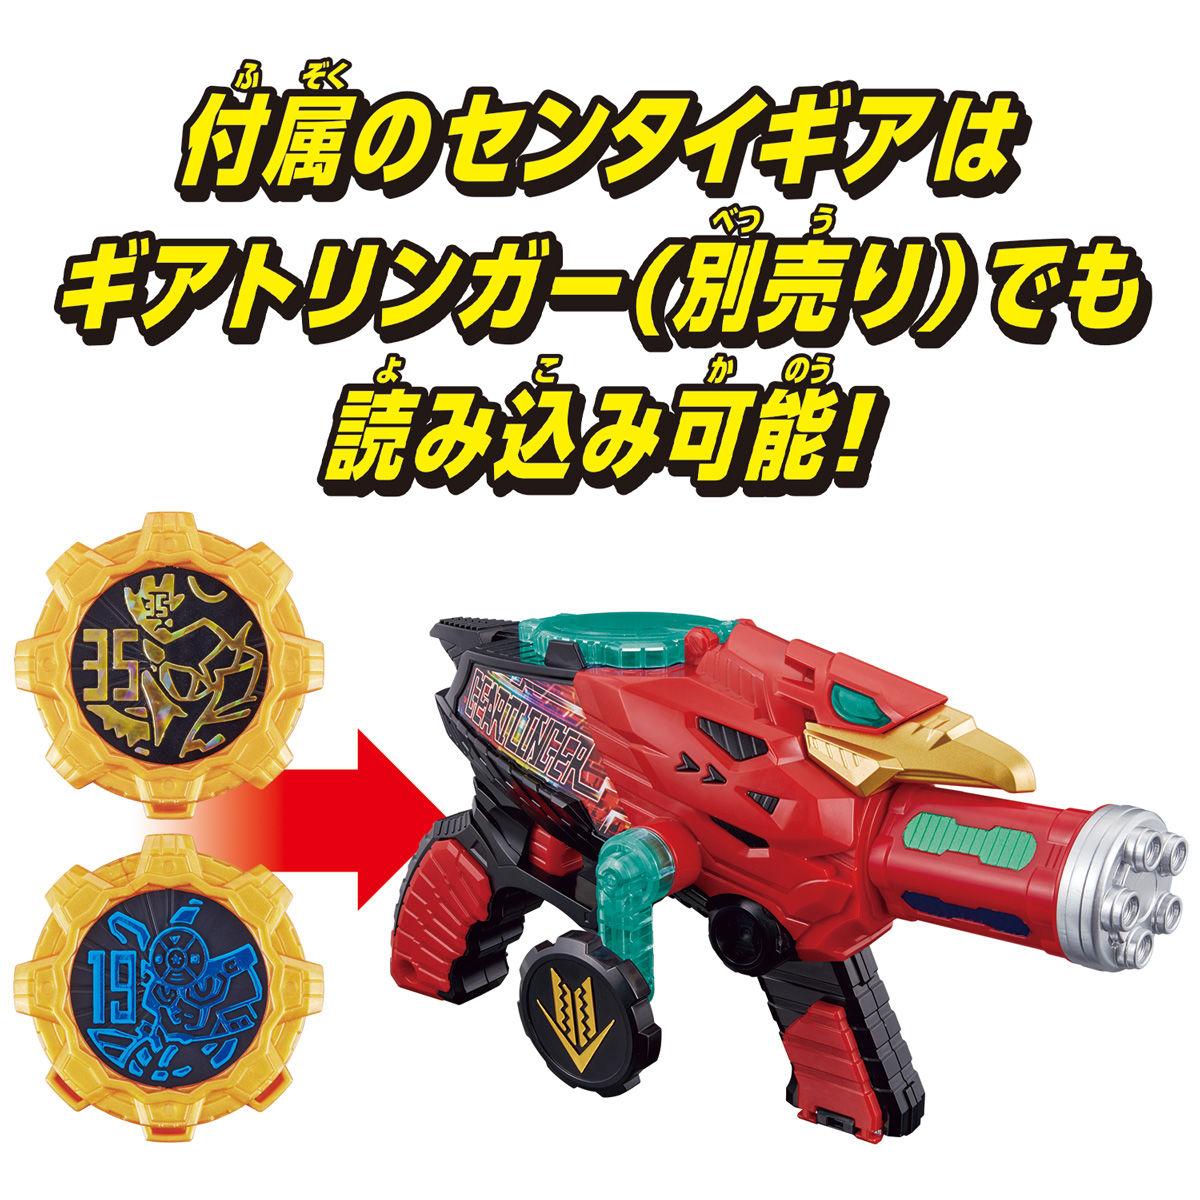 機界戦隊ゼンカイジャー『界賊変身 DXギアダリンガー』変身なりきり-008